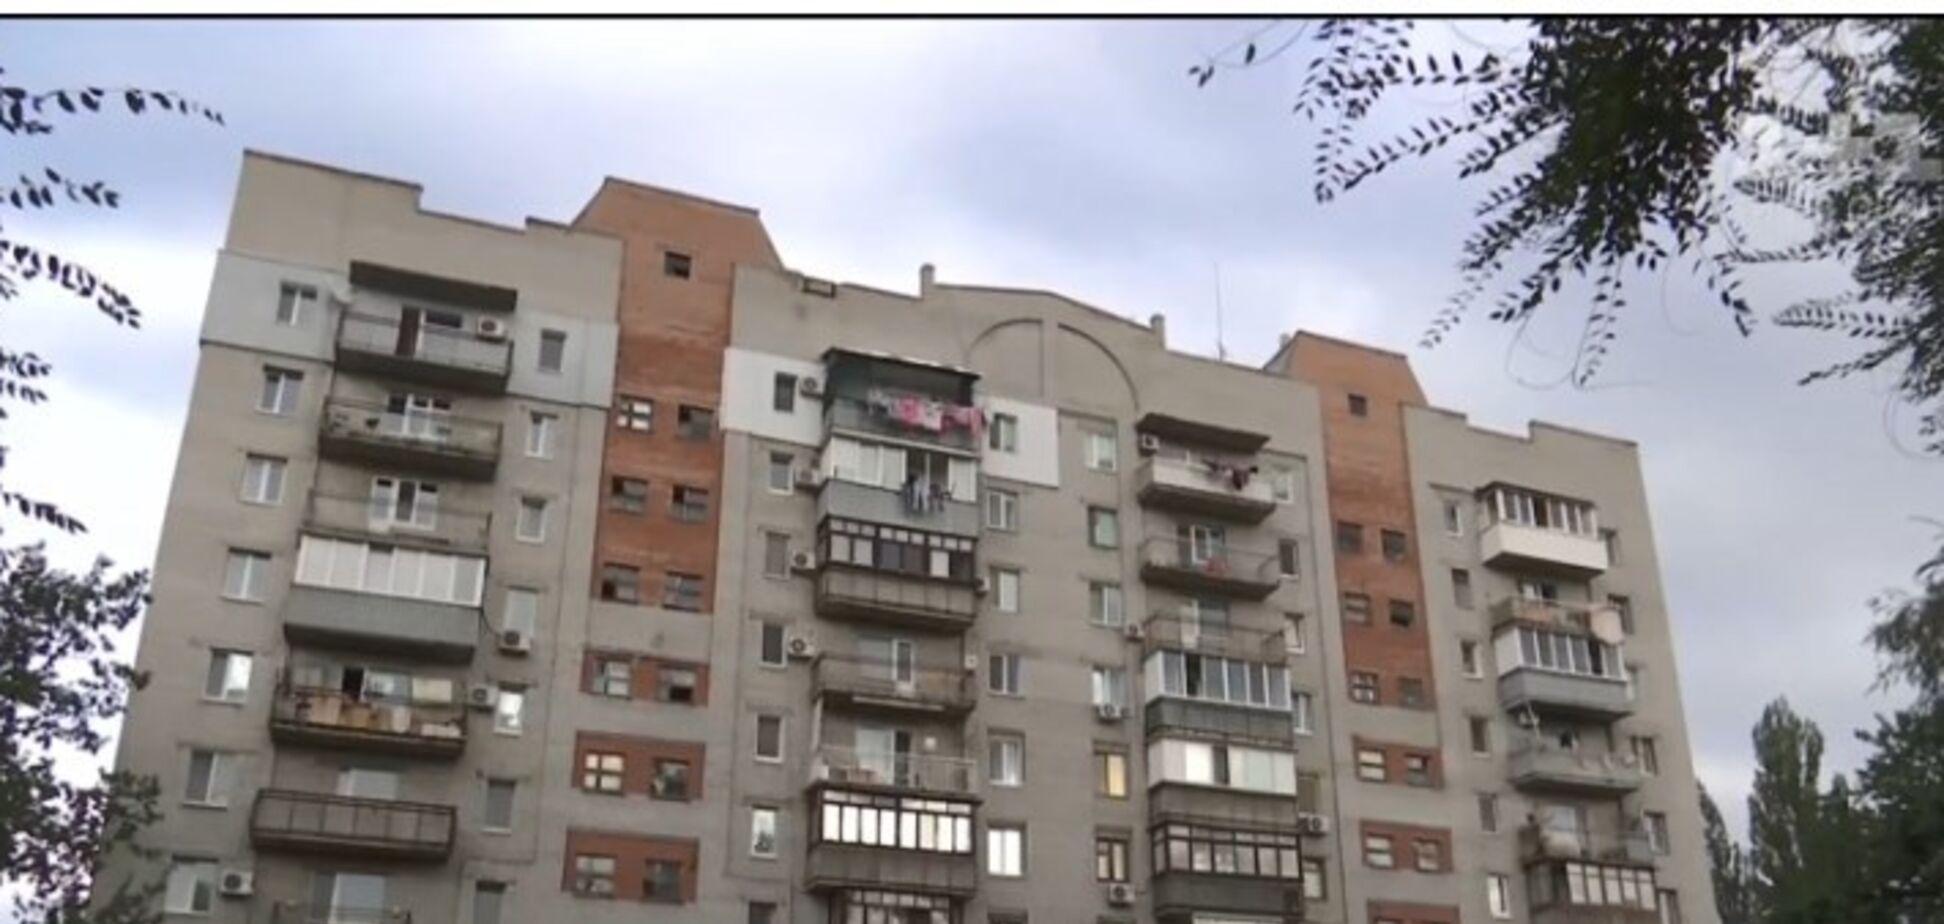 ''Ангелы-хранители спасли'': в Днепре ребенок чудом выжил после падения с 10-го этажа